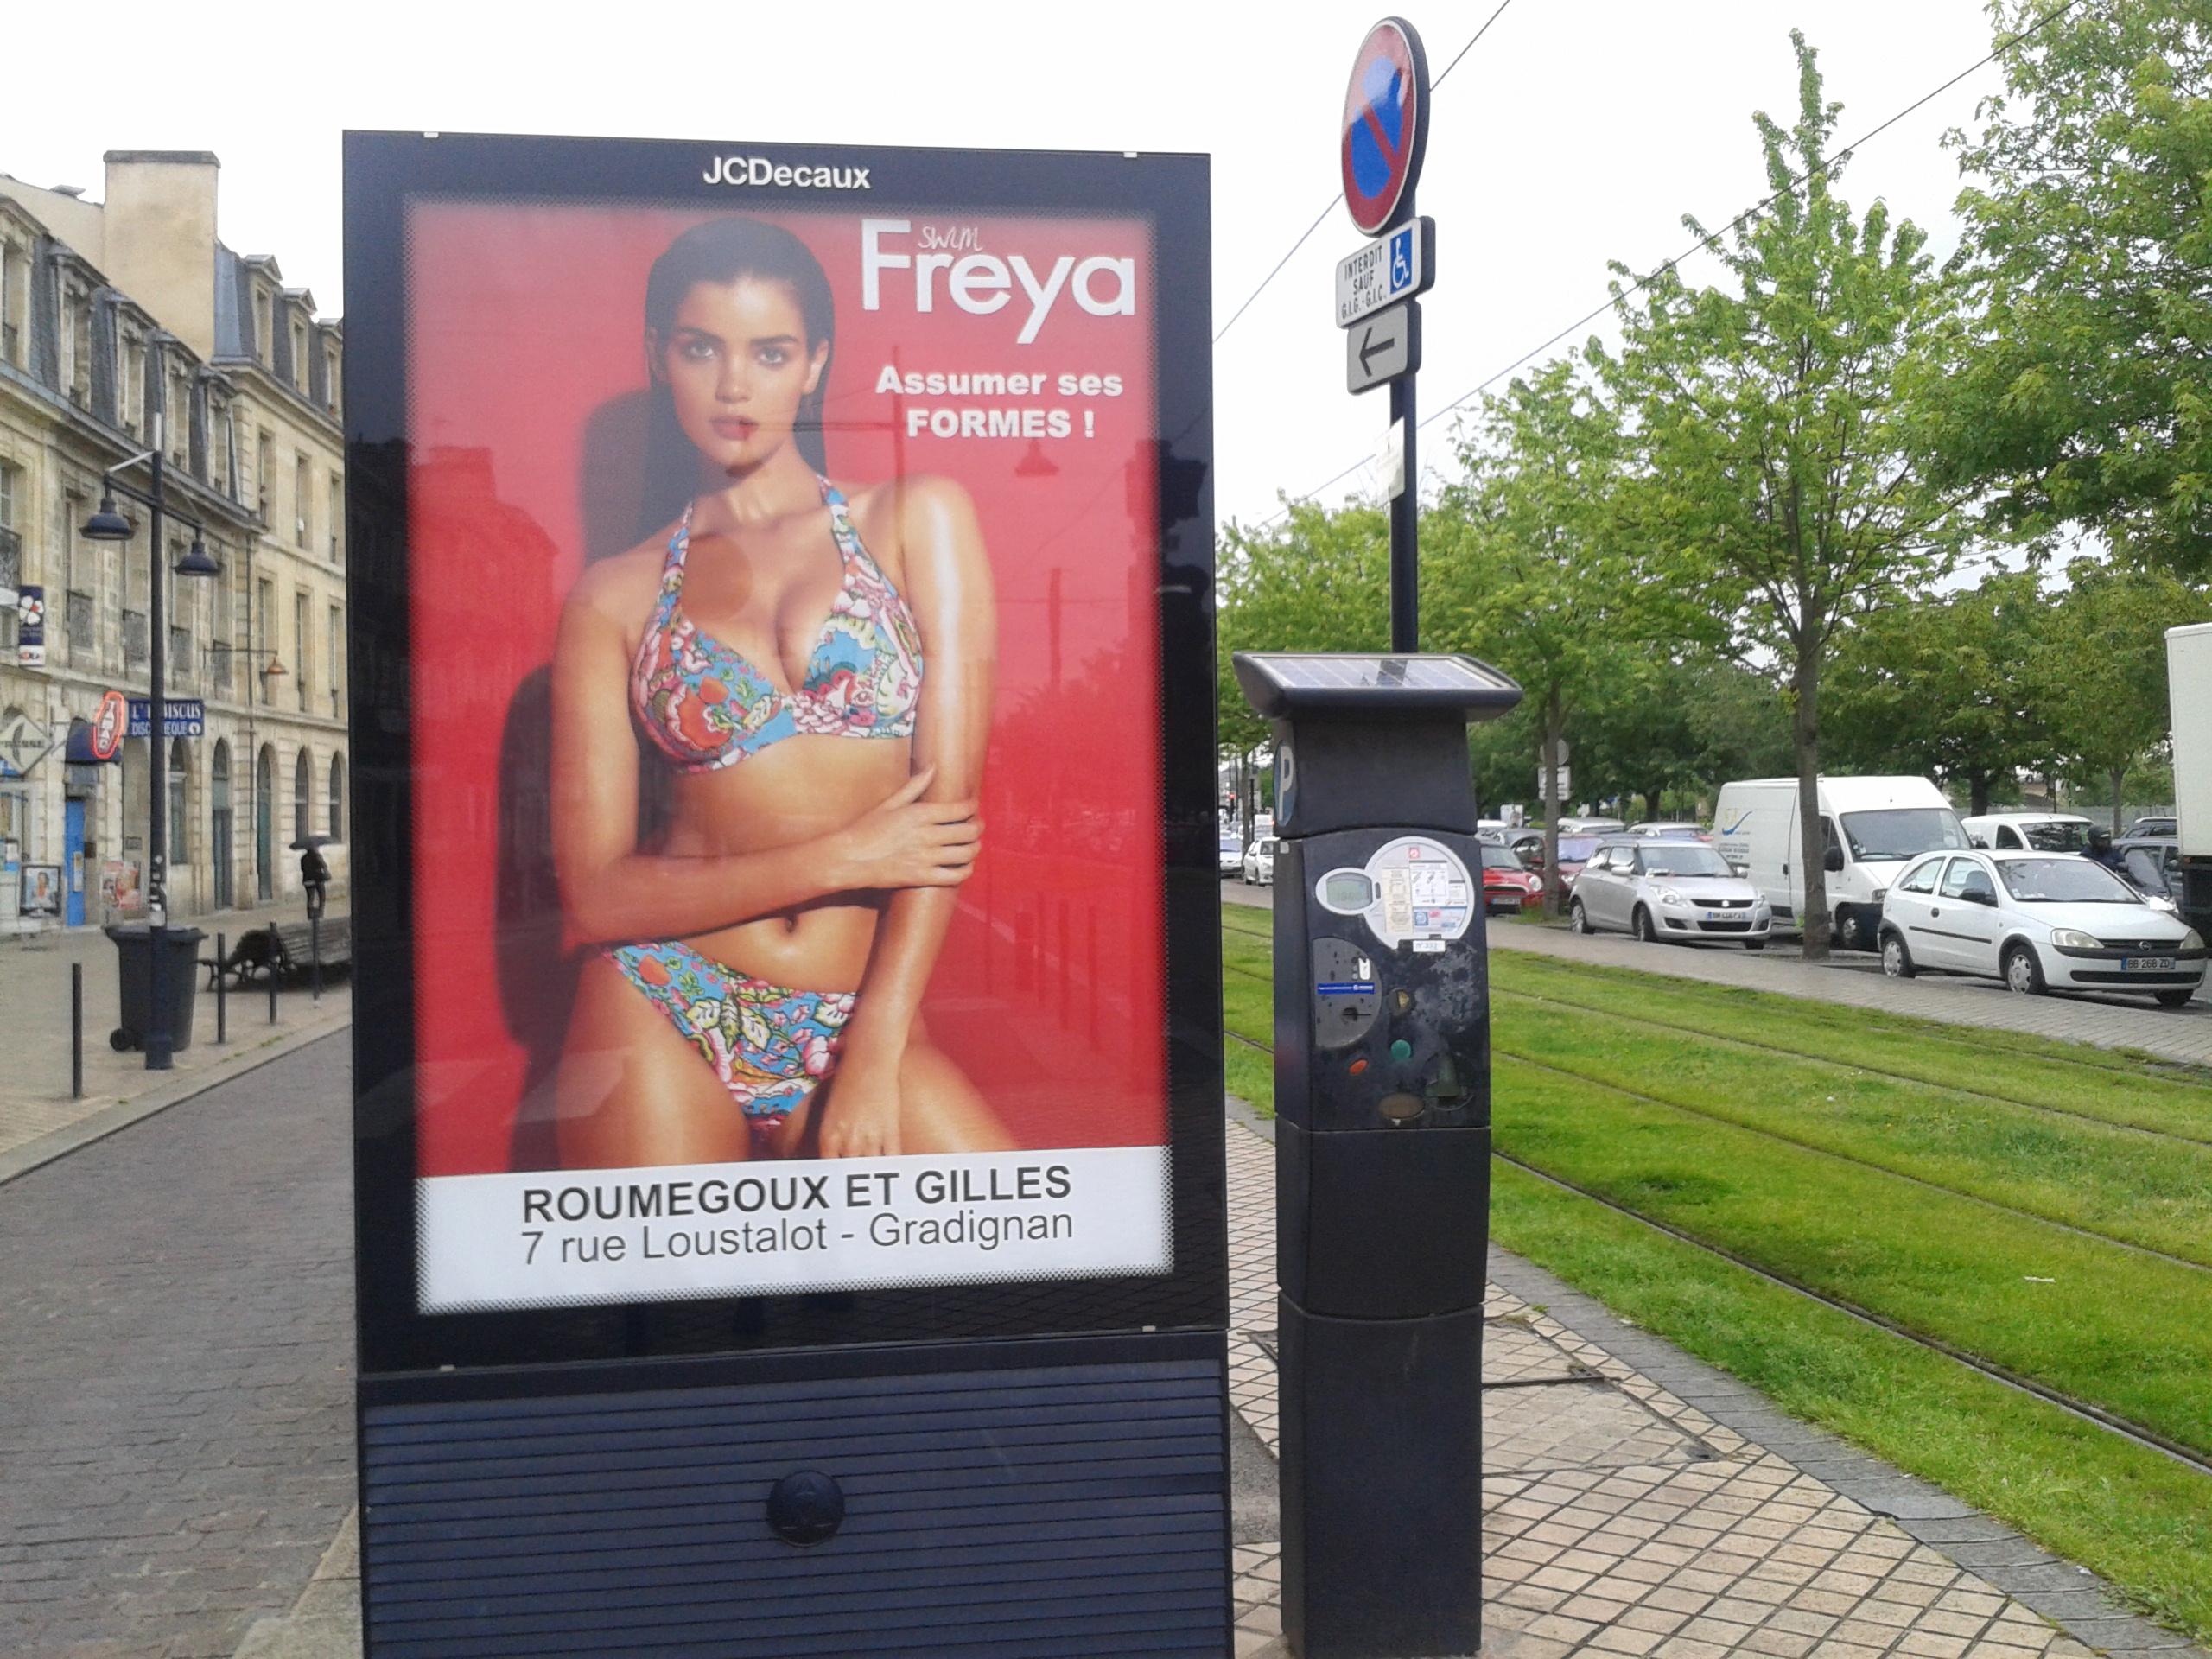 Affichage publicitaire sur la route Bordeaux